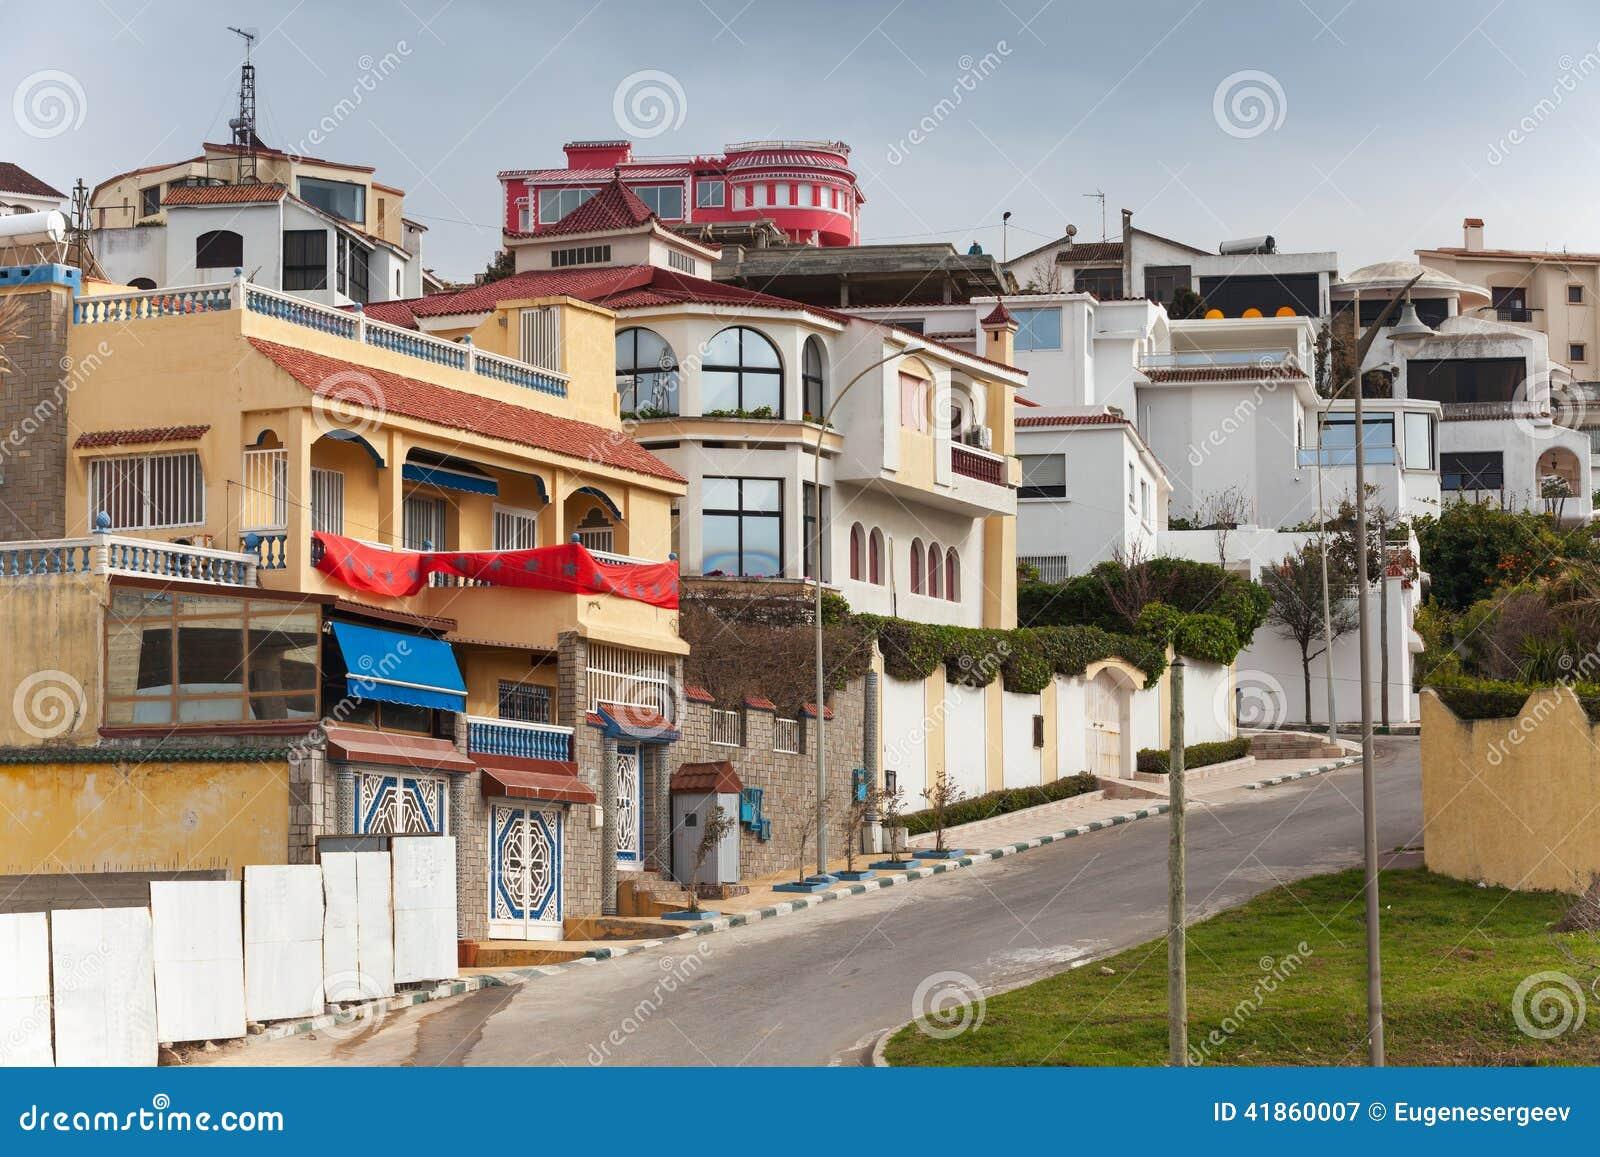 Vue de rue avec les maisons traditionnelles tanger maroc - Google vue des maisons ...